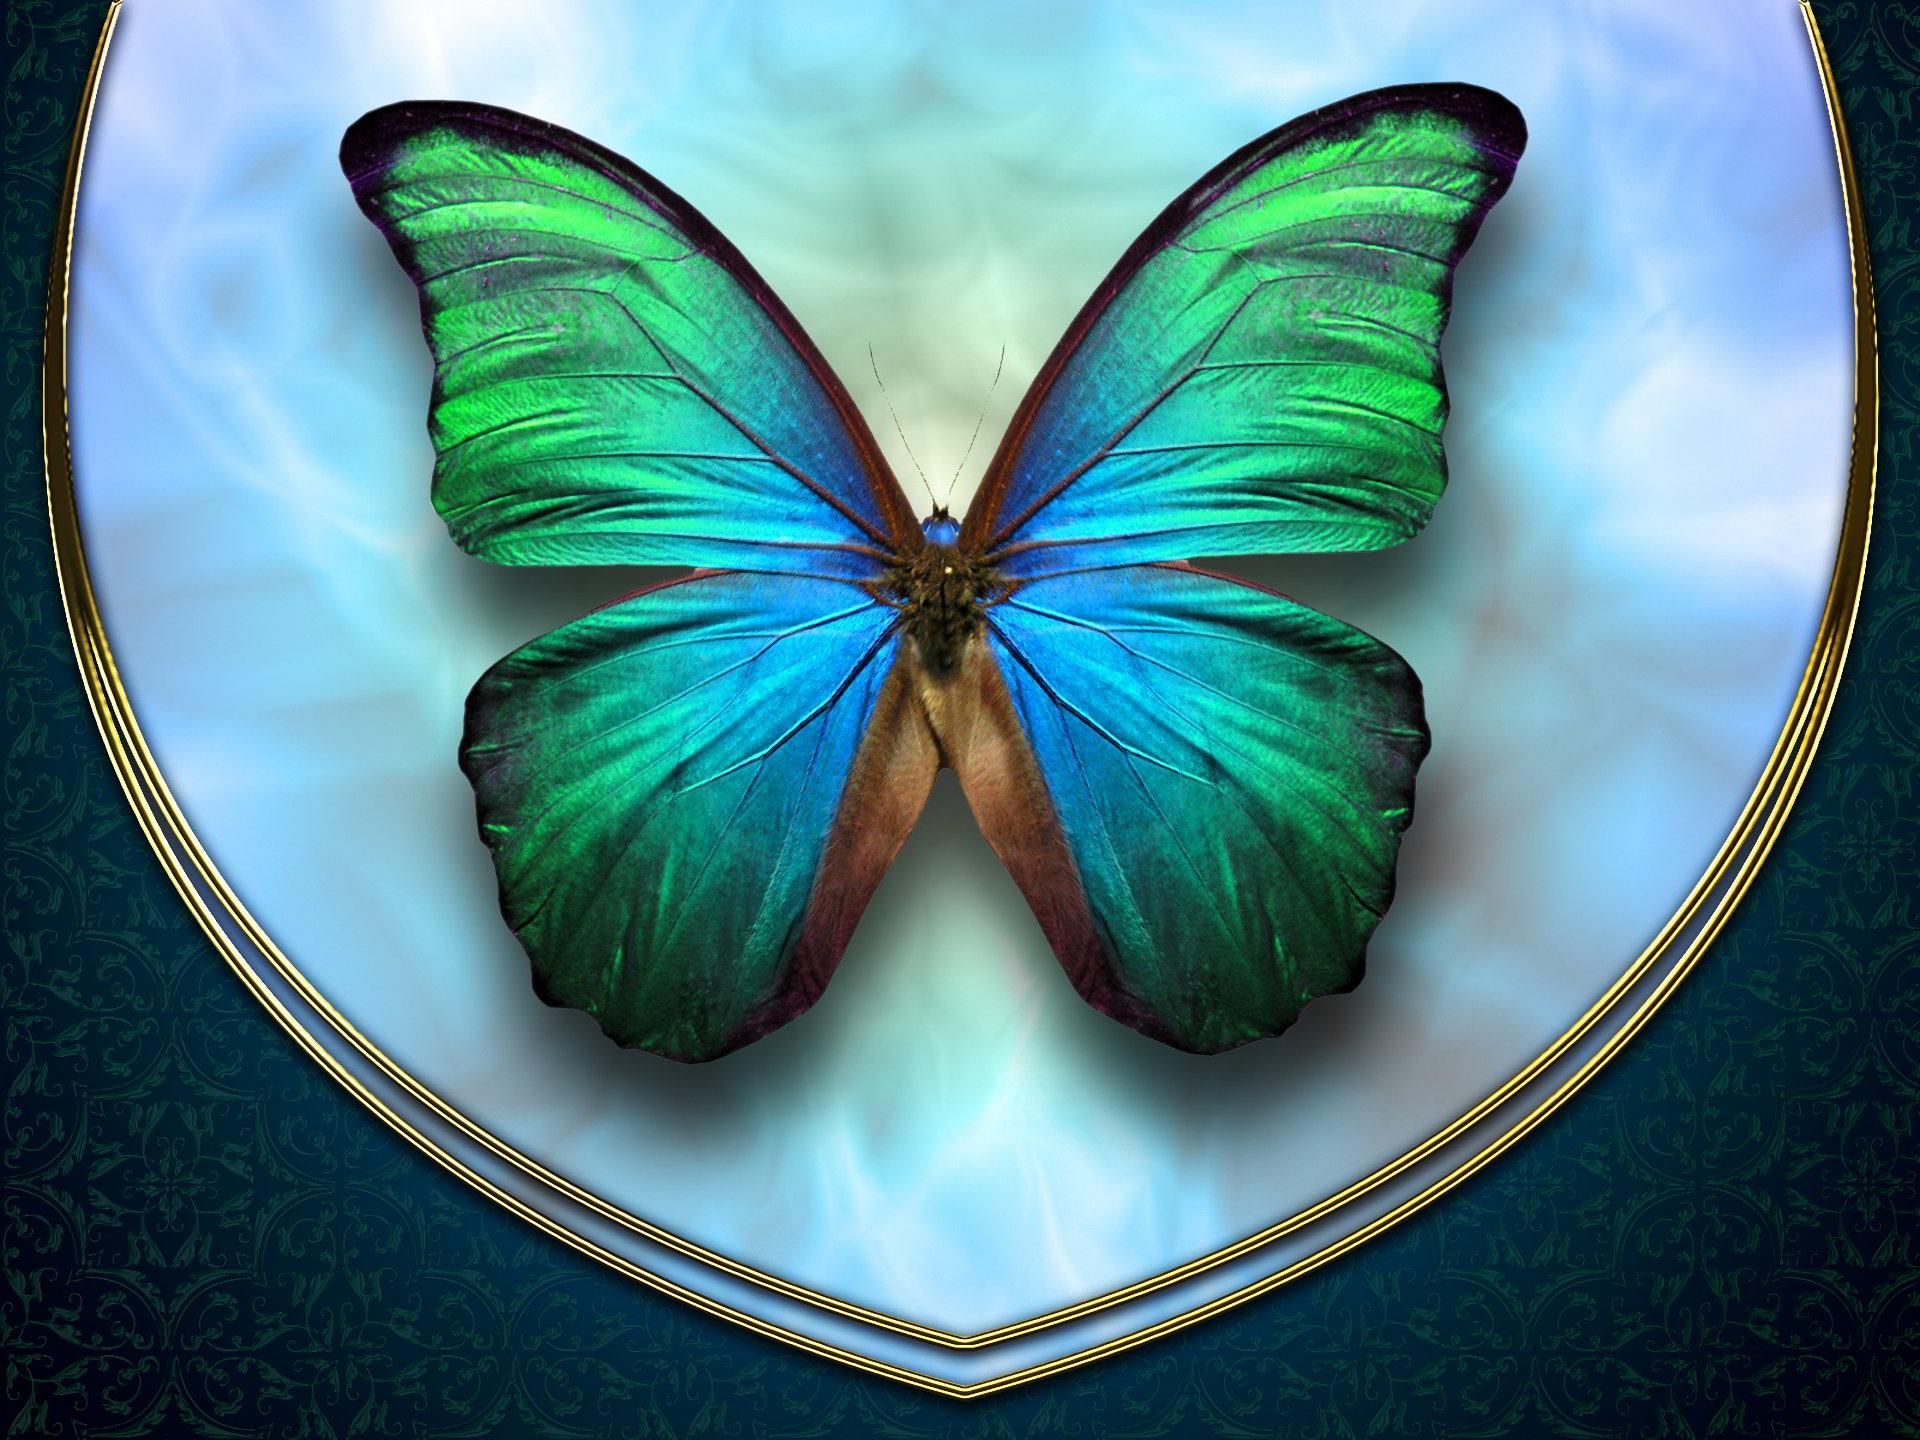 xem ảnh bướm đẹp